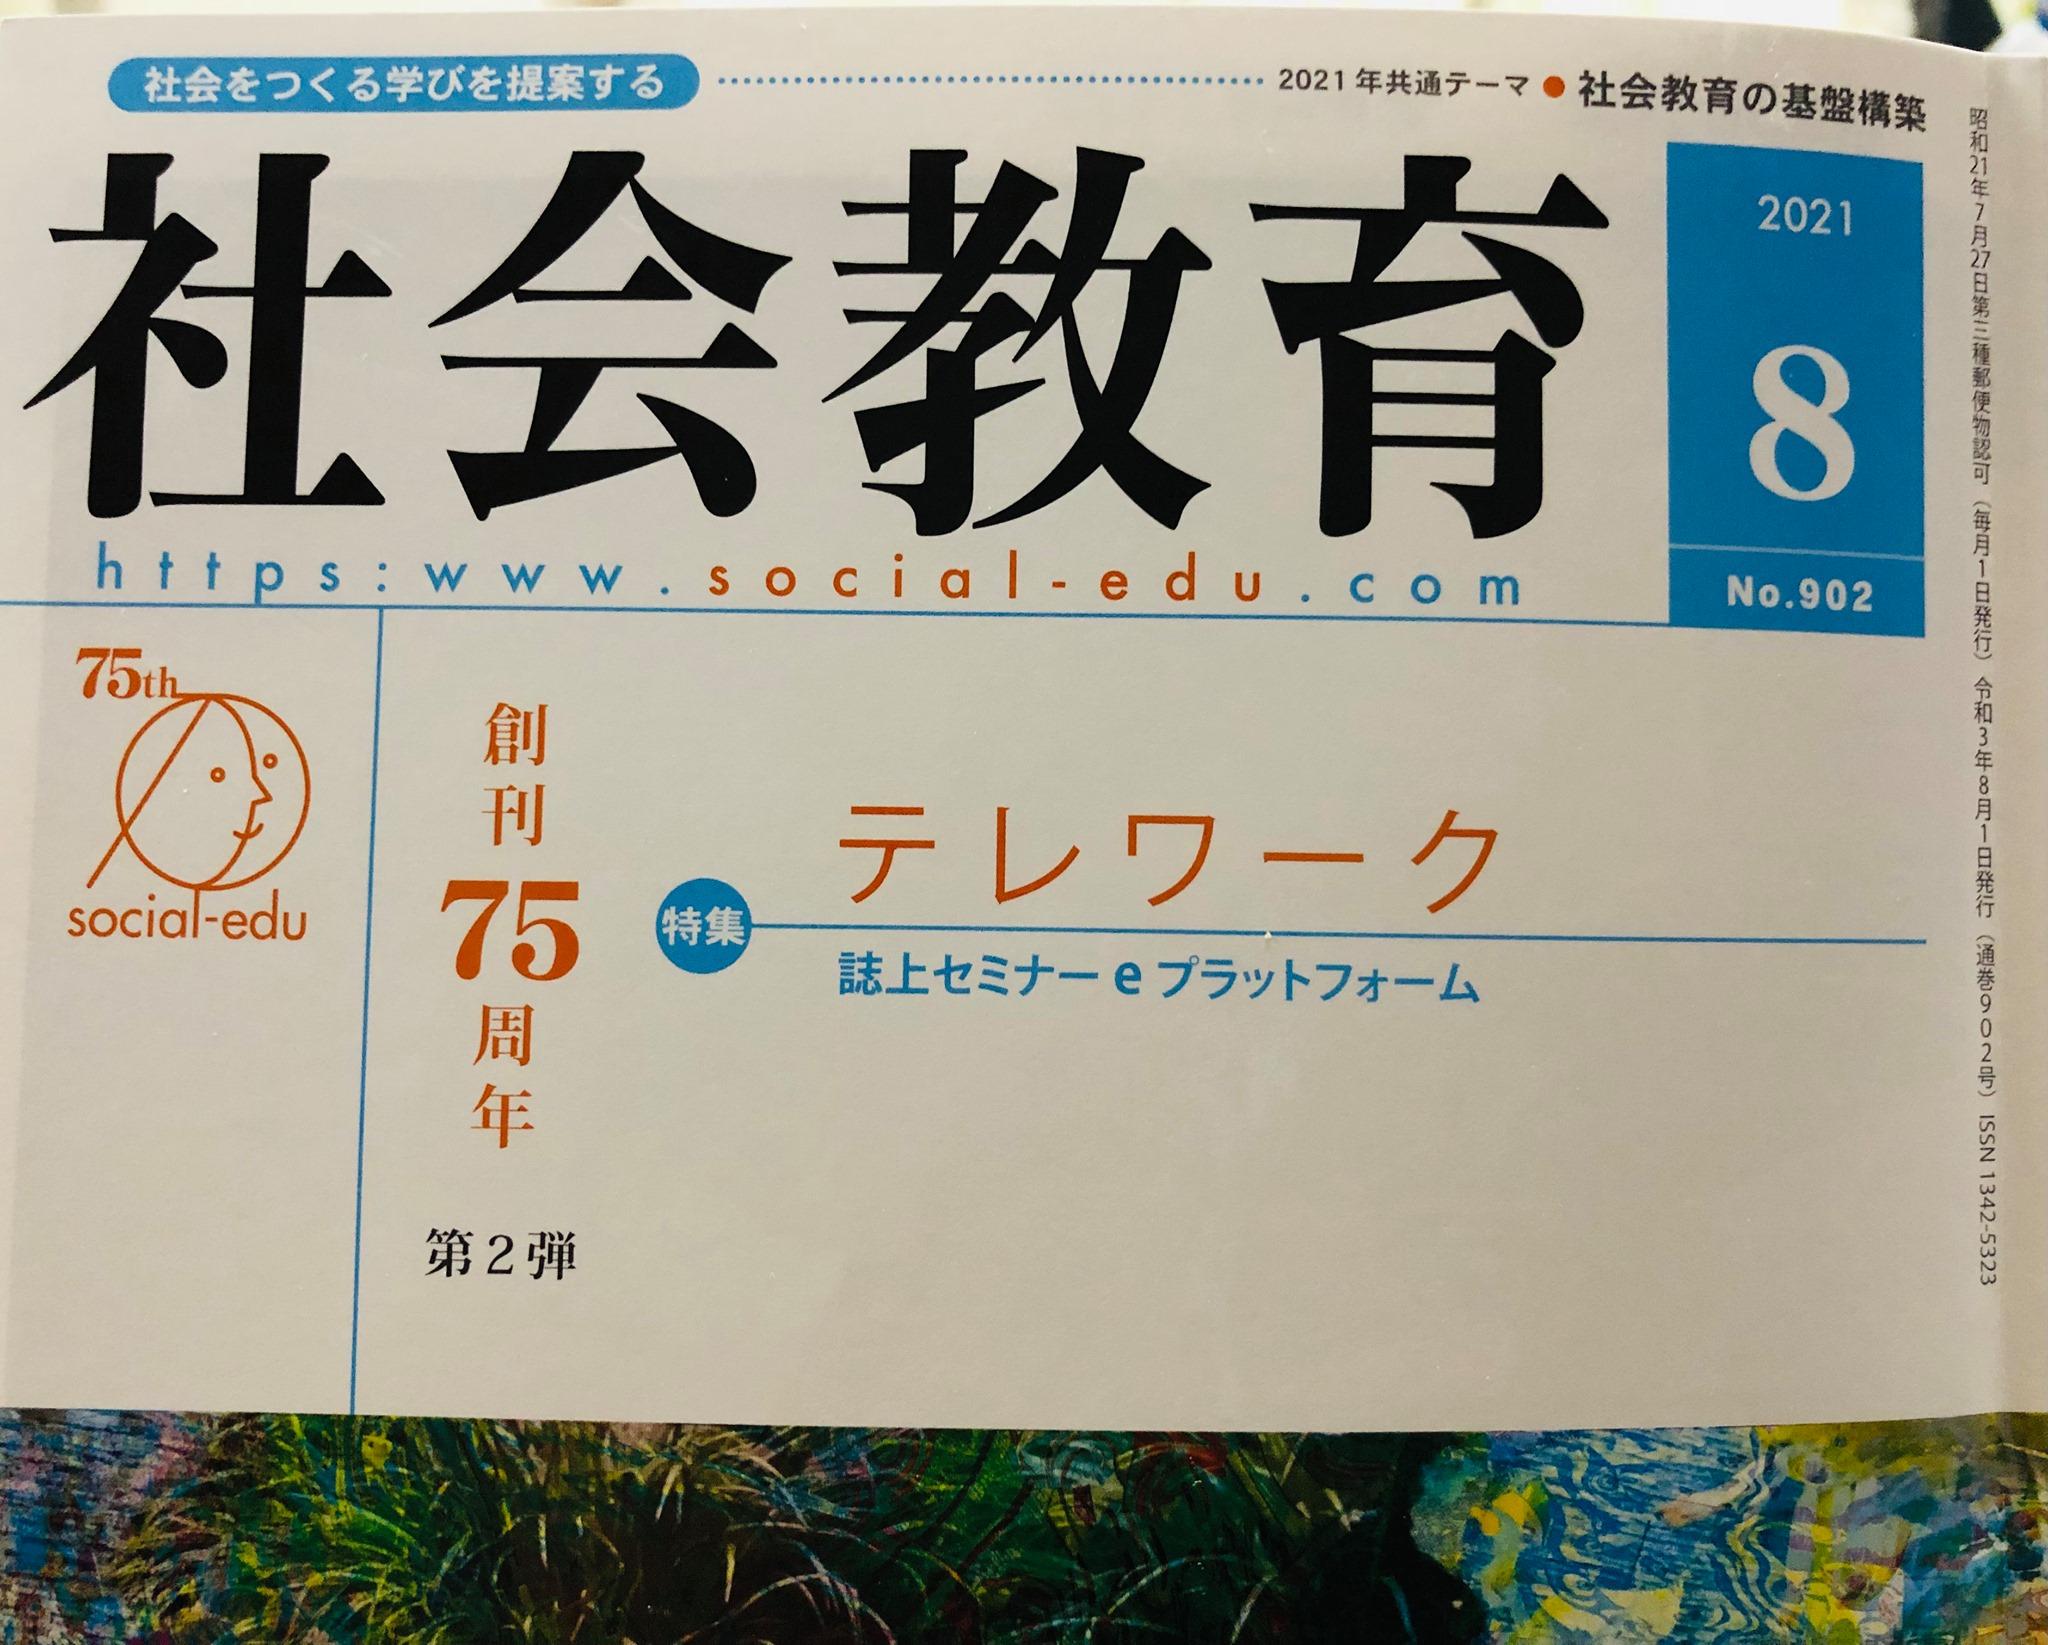 『社会教育』第76巻8月号に寄稿しました。